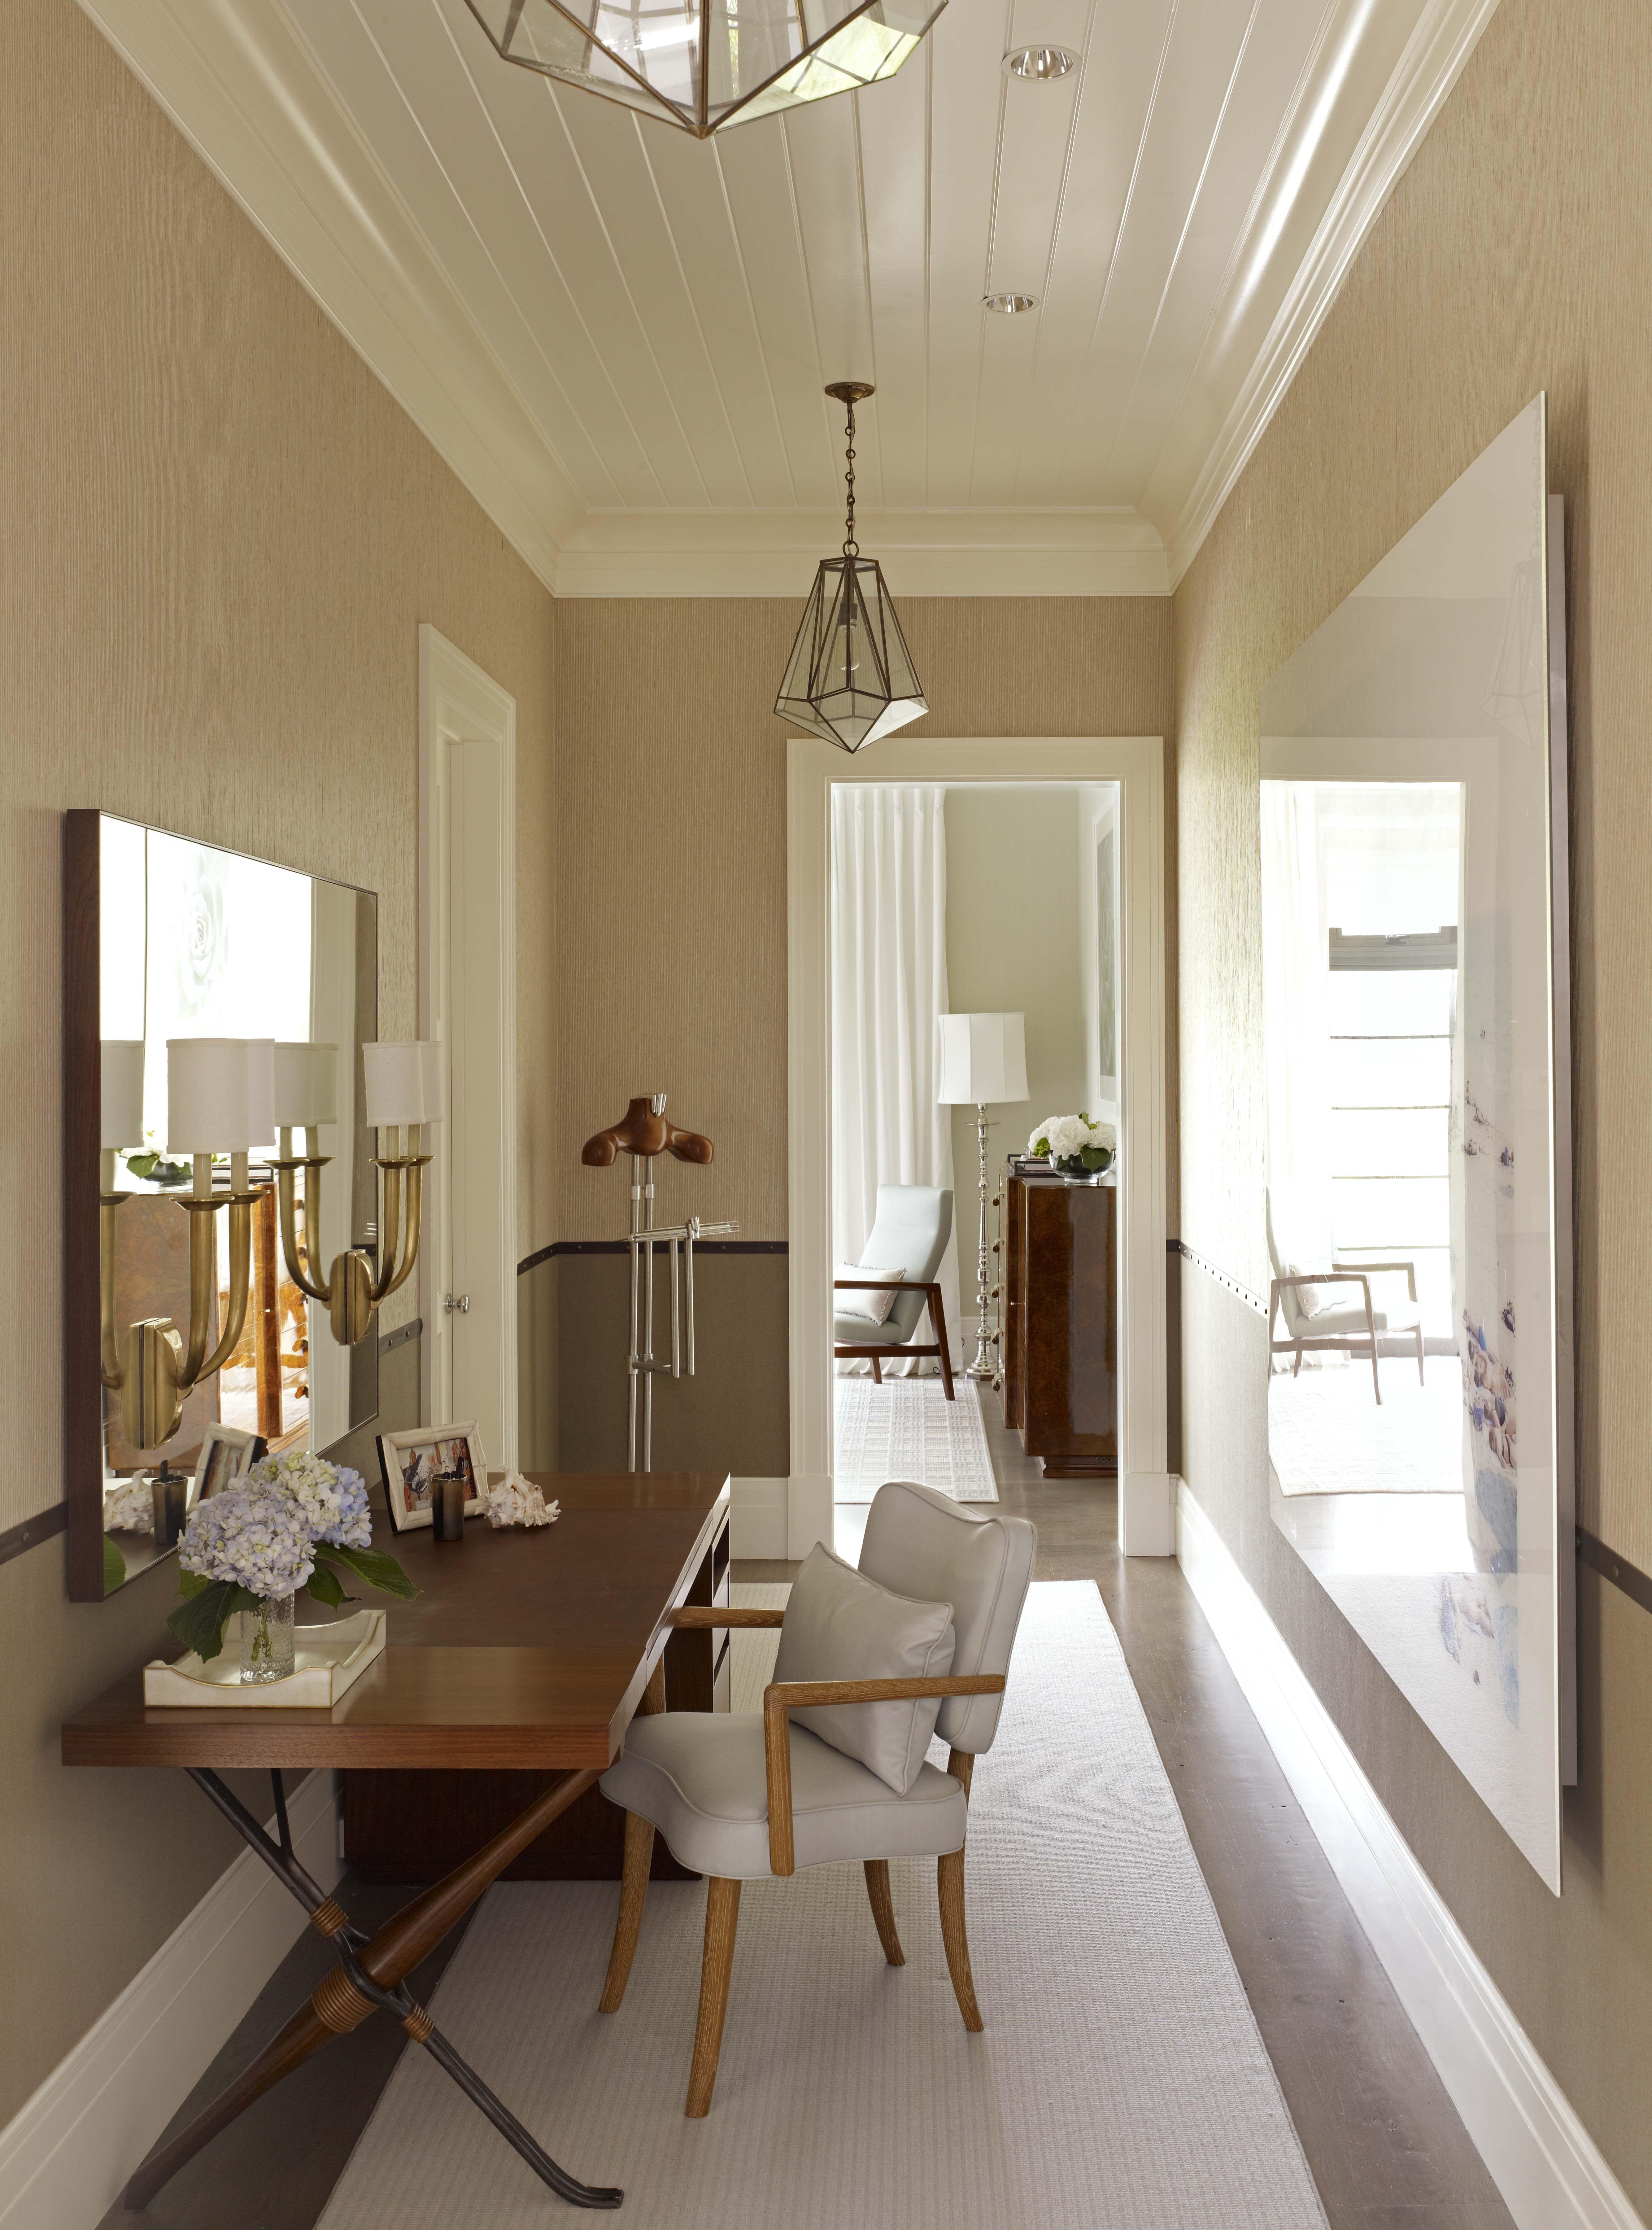 Bridgehampton Residence Guest Master Bedroom Dressing Room By